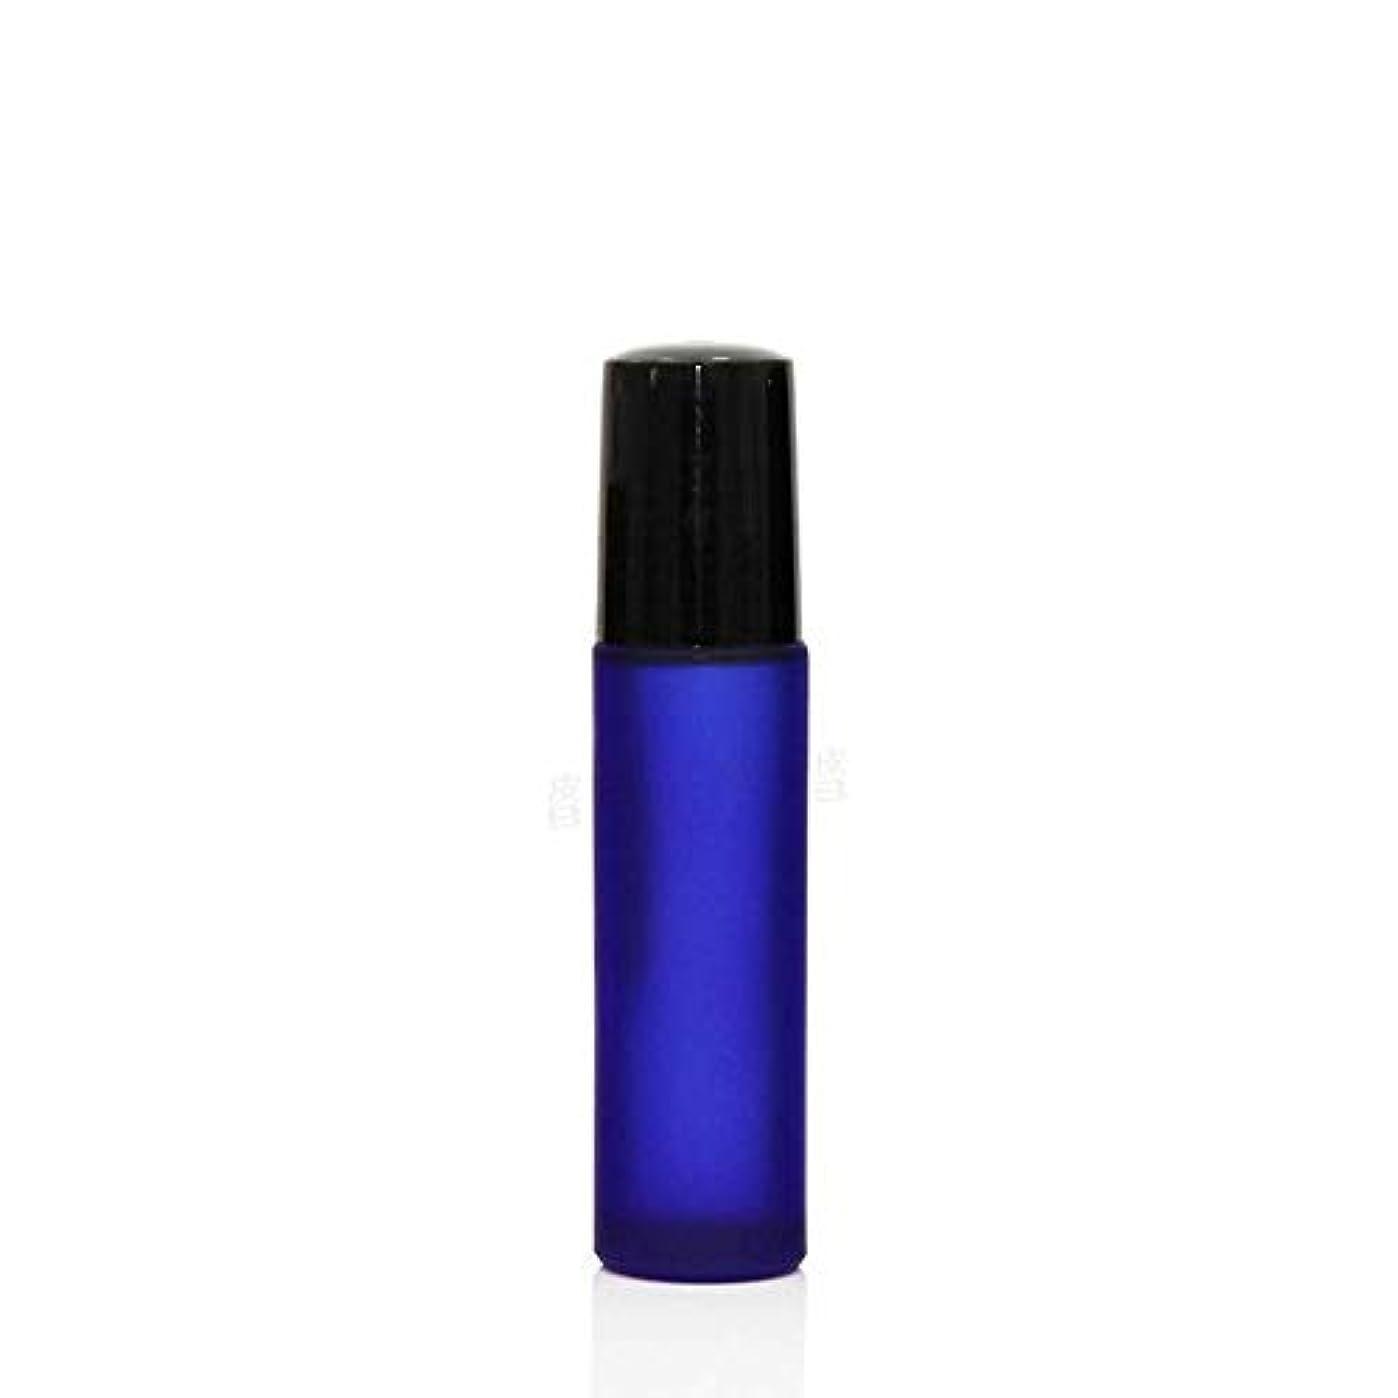 削るドラッグ特別なSimg ロールオンボトル アロマオイル 精油 小分け用 遮光瓶 10ml 10本セット ガラスロールタイプ (ブルー)